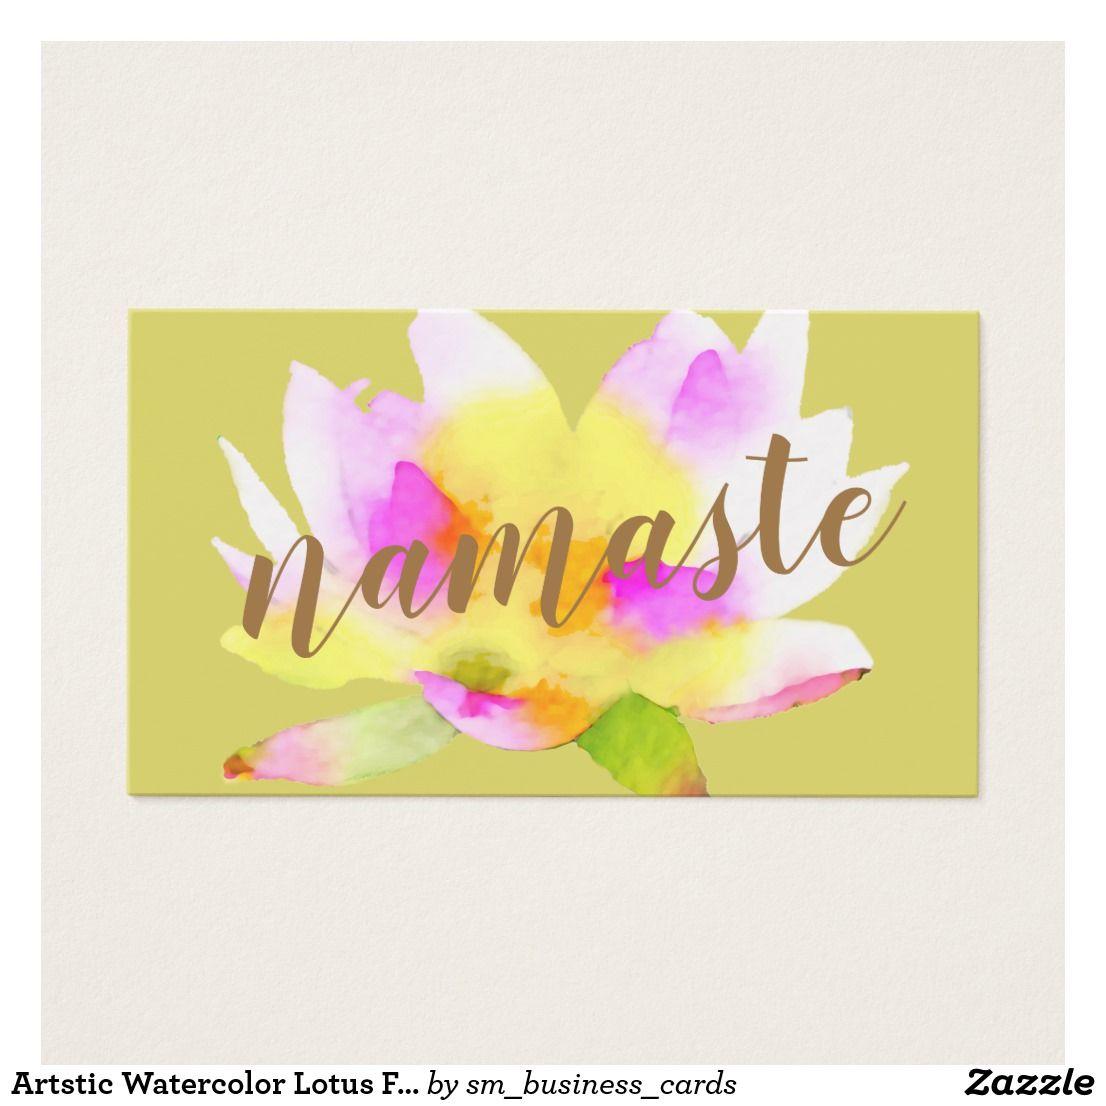 Artstic Watercolor Lotus Flower Business Card | Natural medicine ...